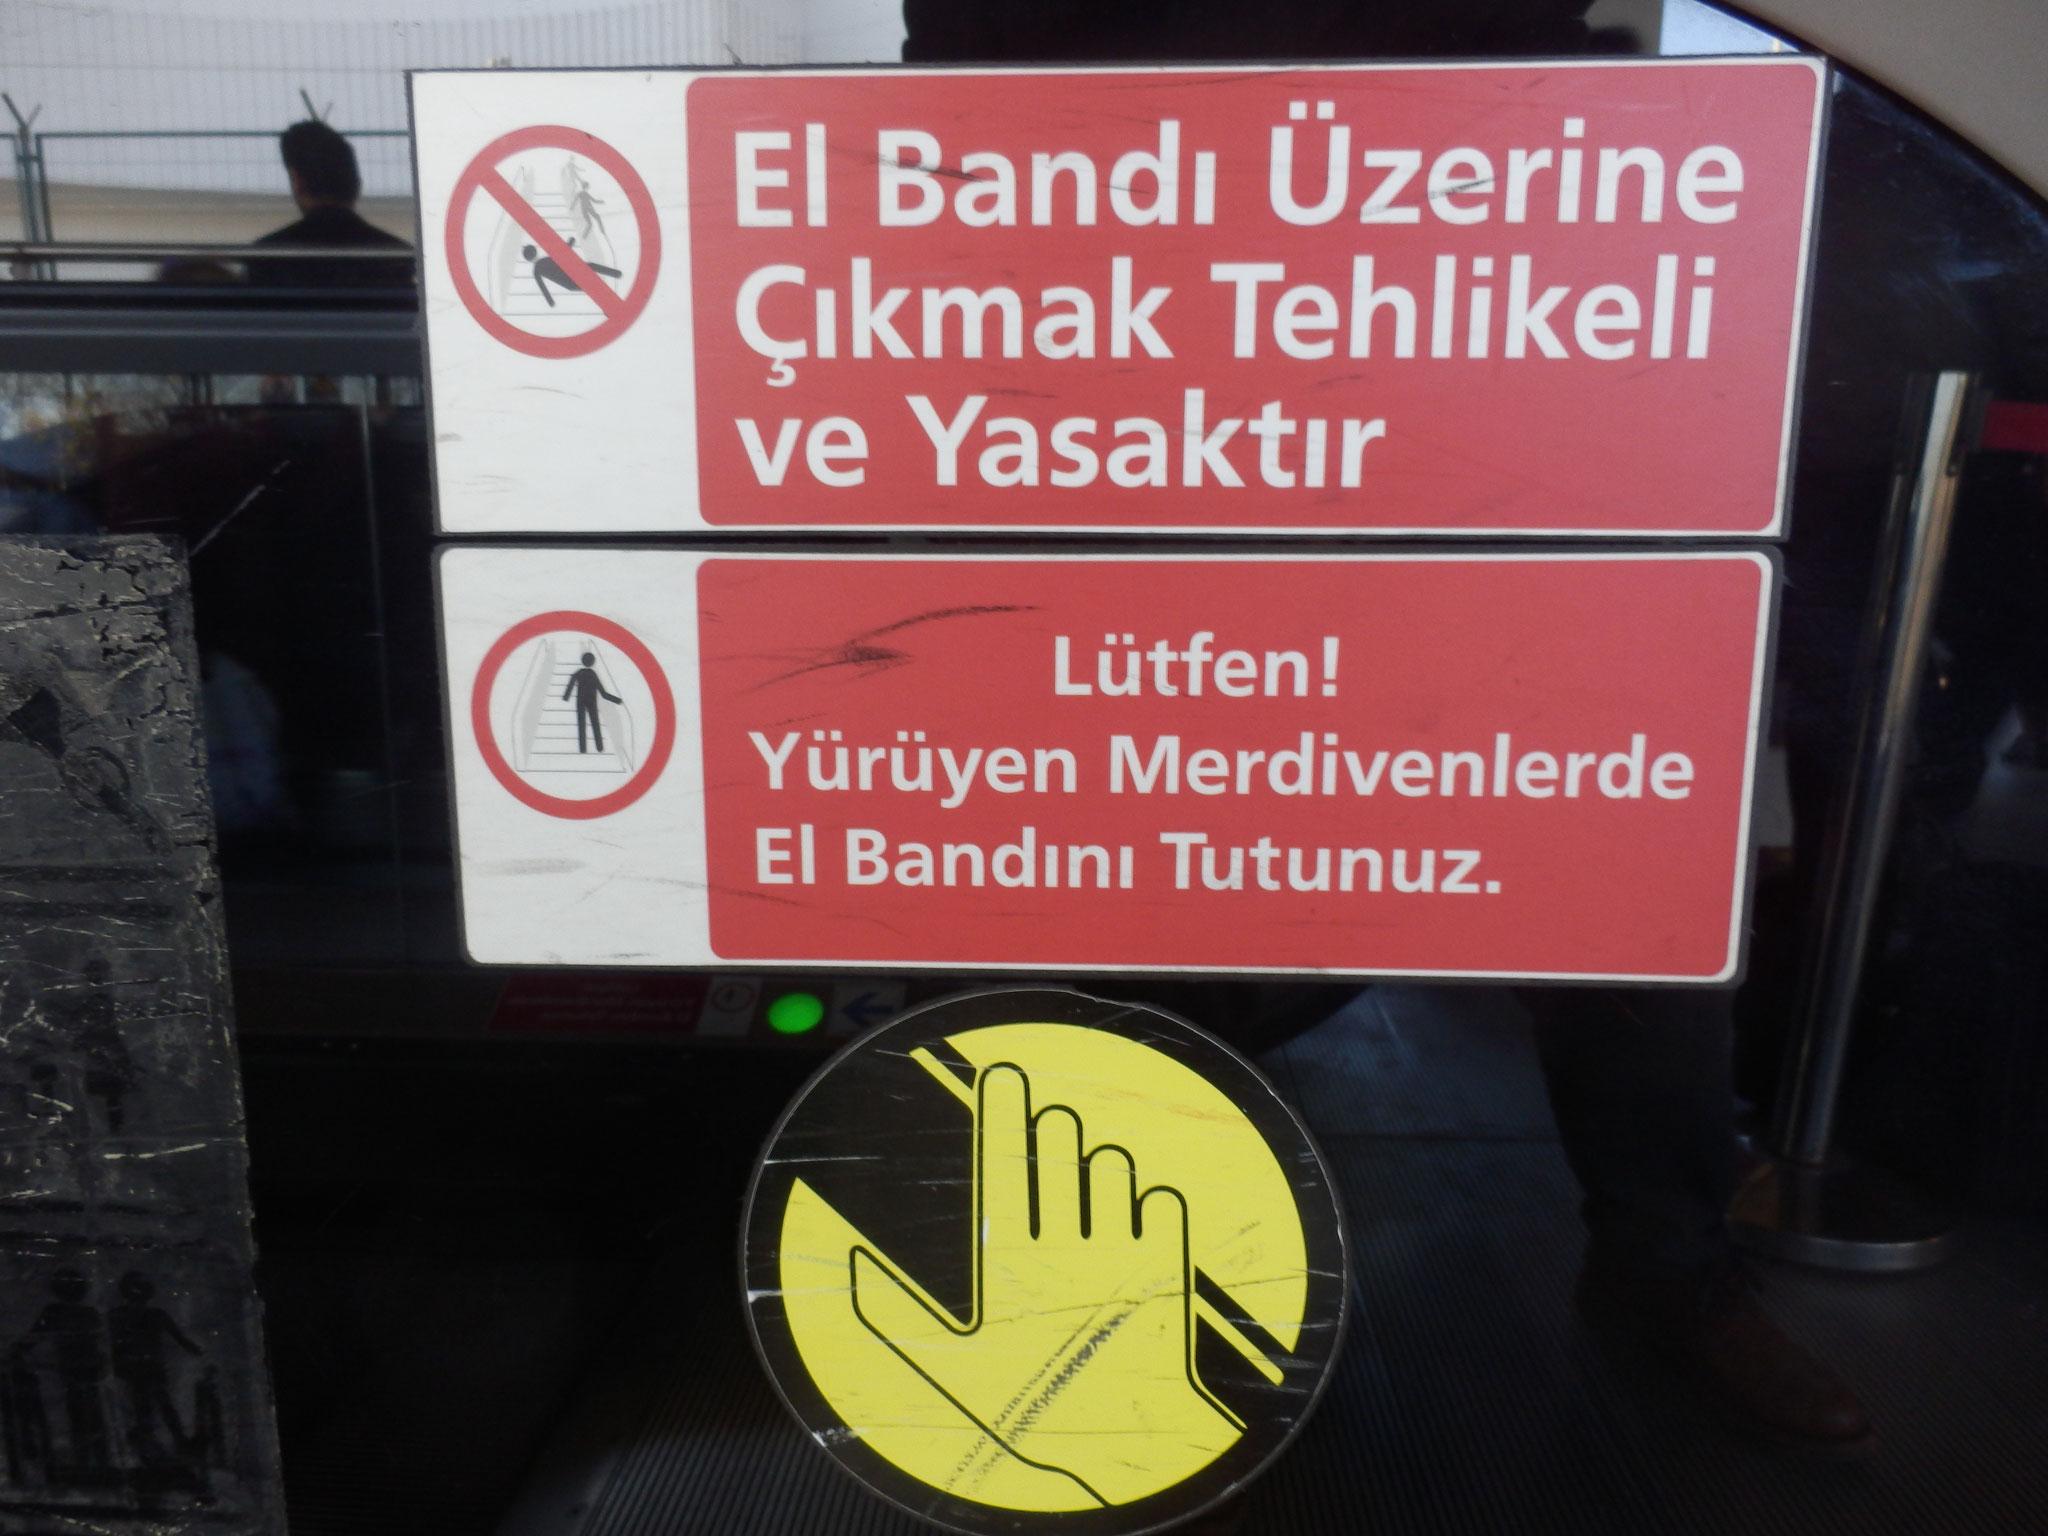 良い子の皆さん、ベルトの外へ顔や手を出すと危険ですよ エスカレーターの近くでは遊ばないようにしましょう